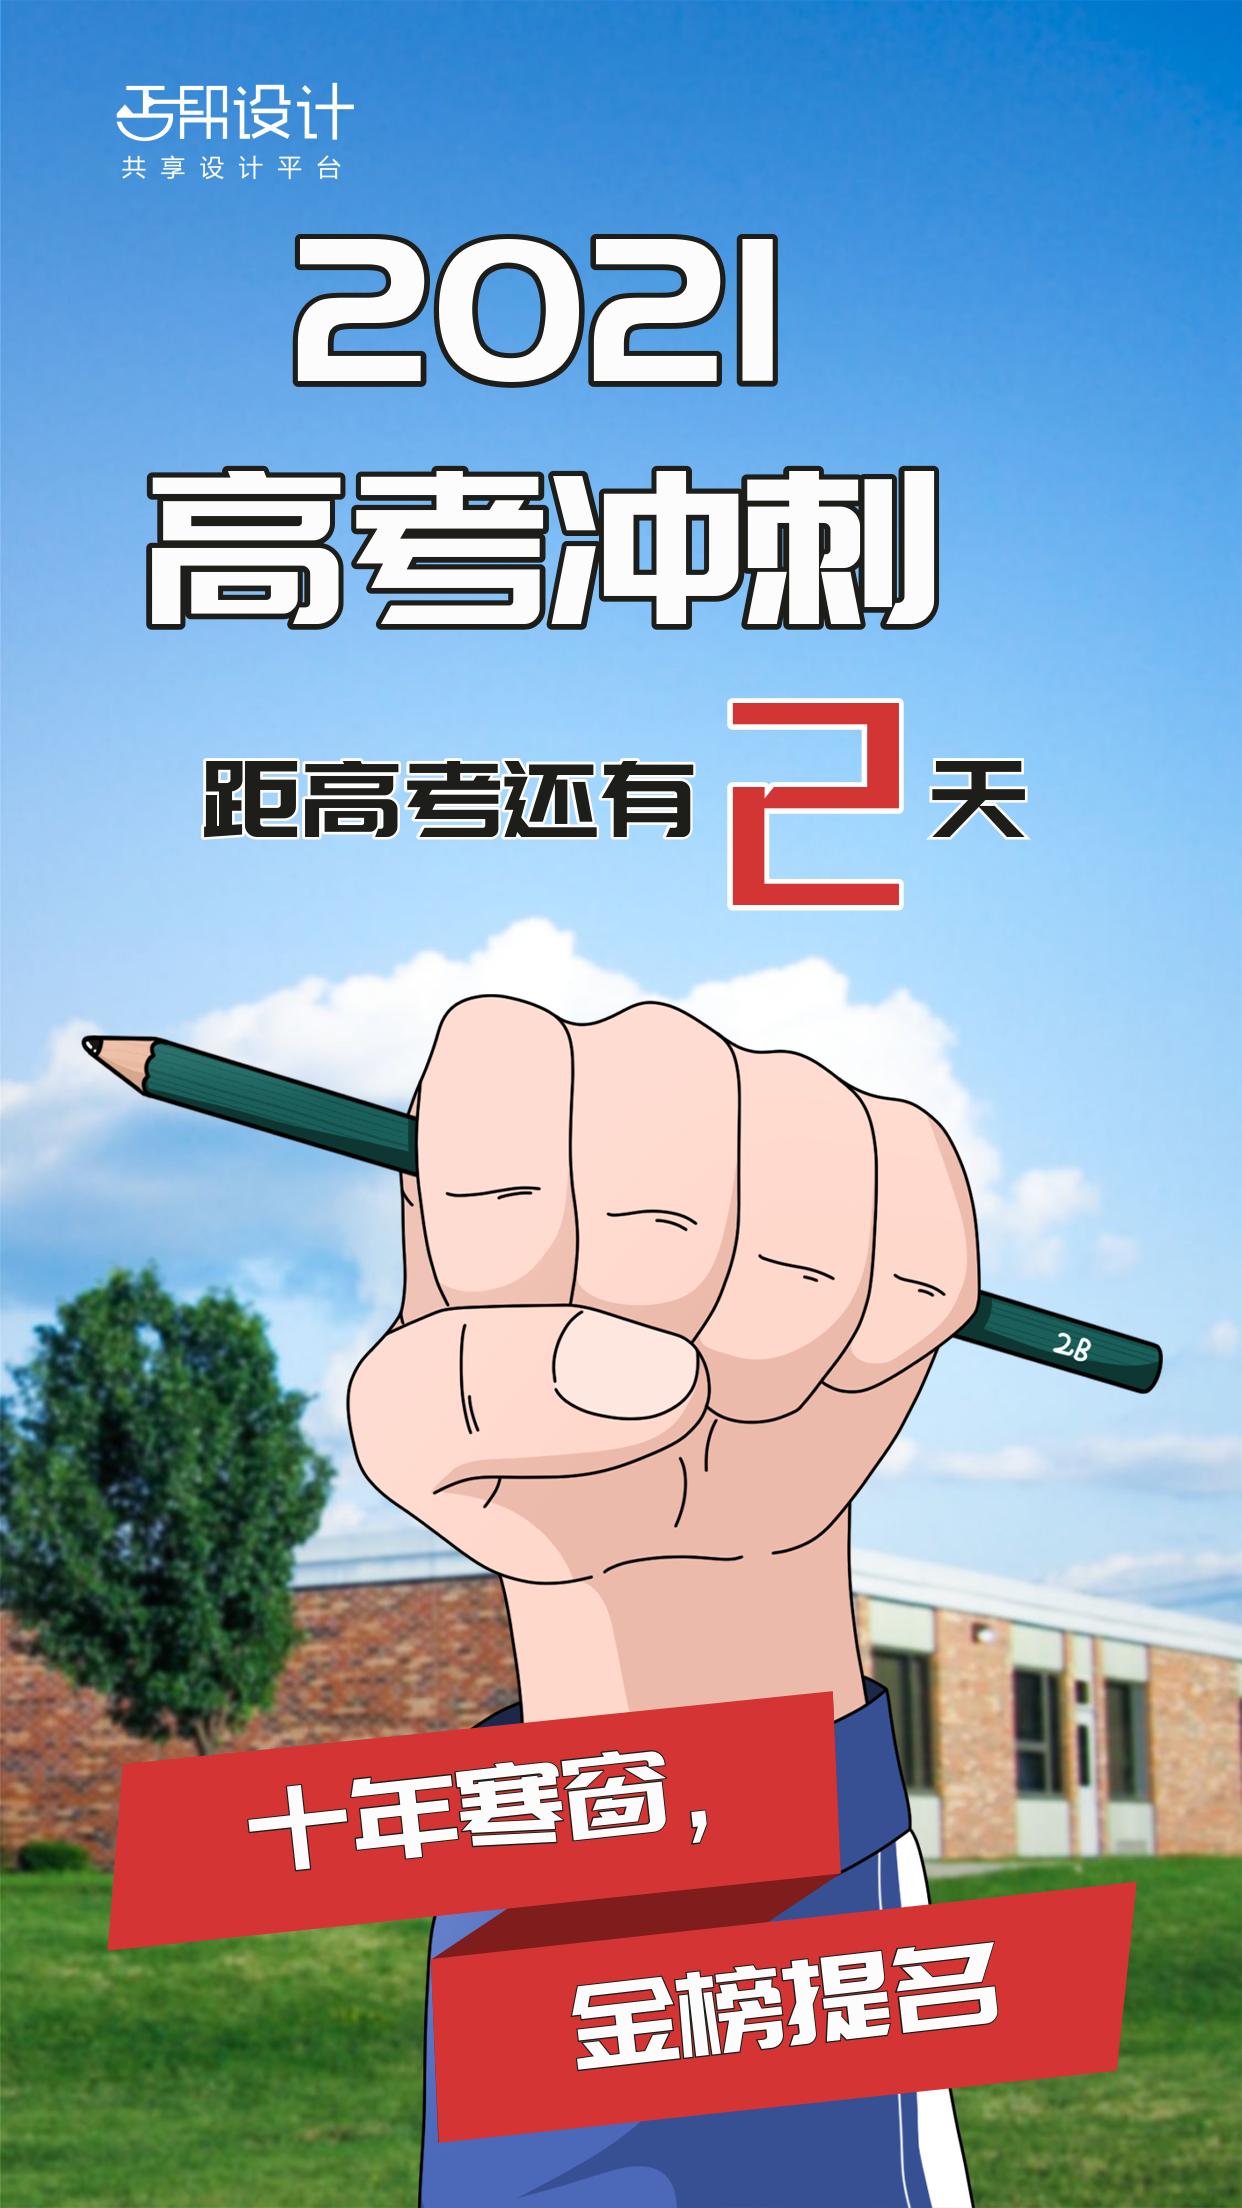 中考高考倒计时1天励志手机海报